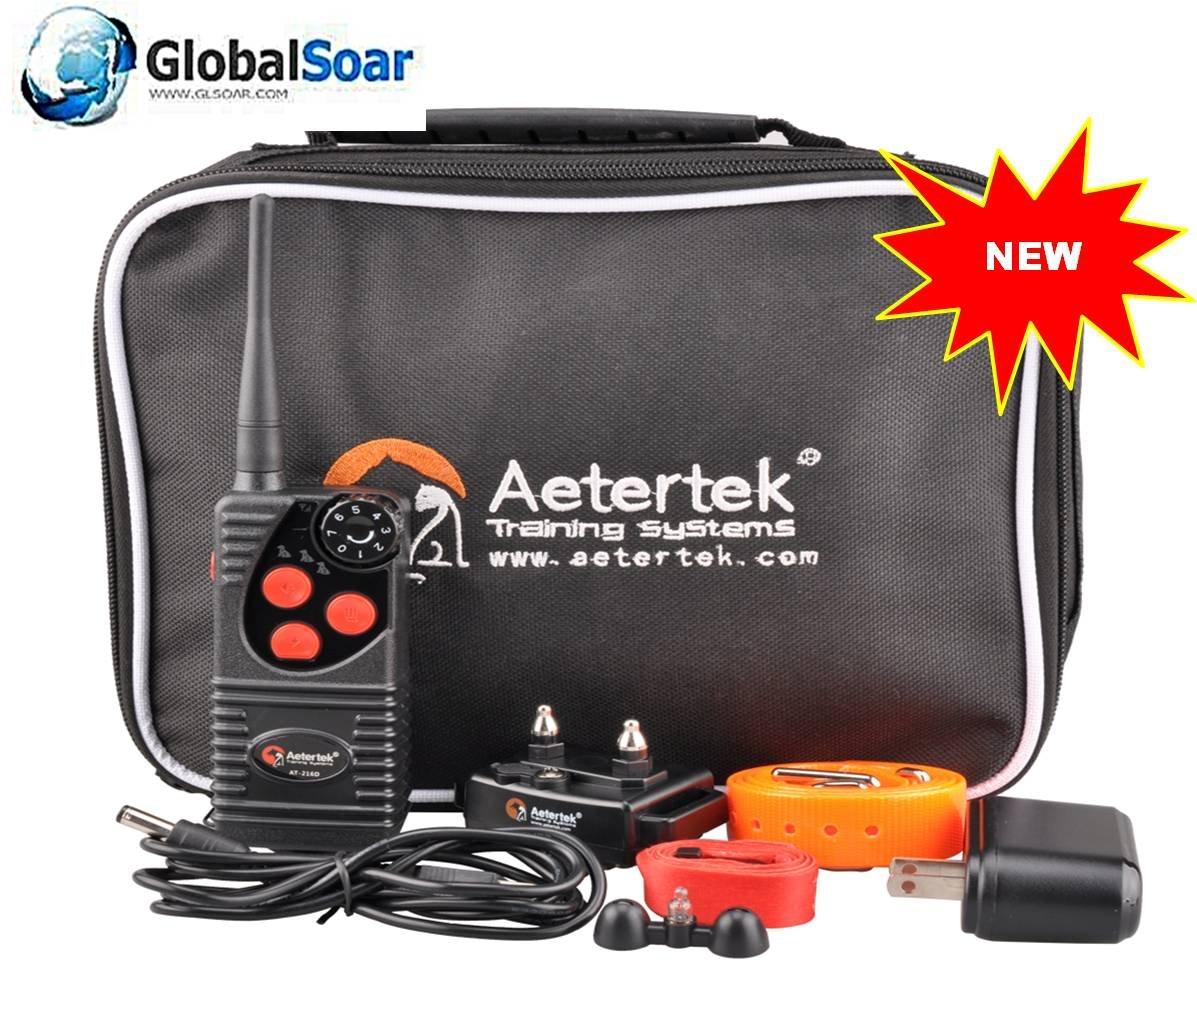 Aetertek 216D 550S 1 Training Waterproof Collar